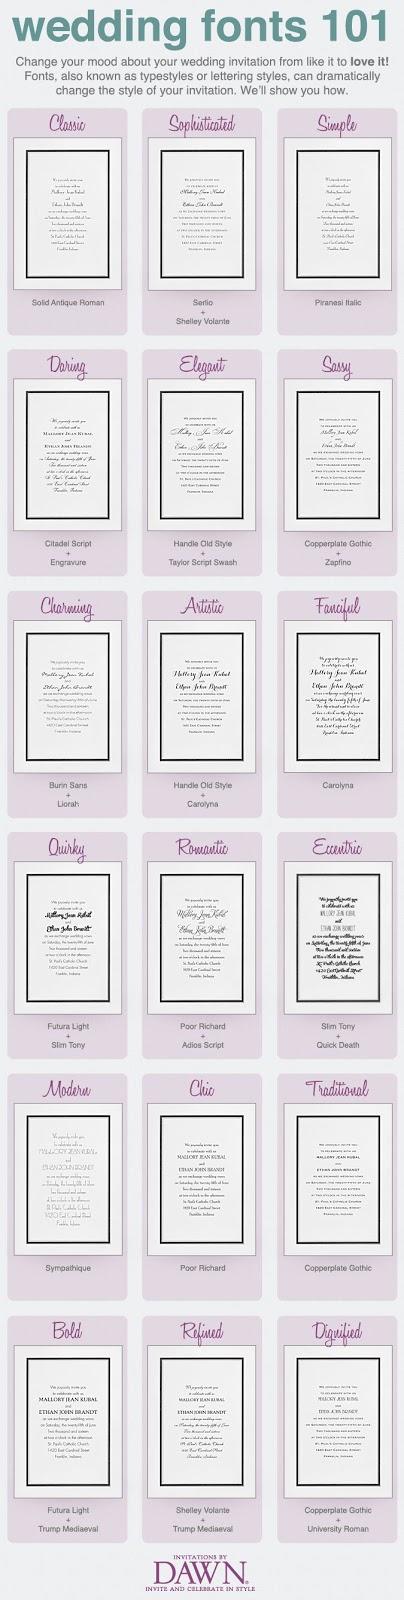 invitations by dawn, wedding fonts 101